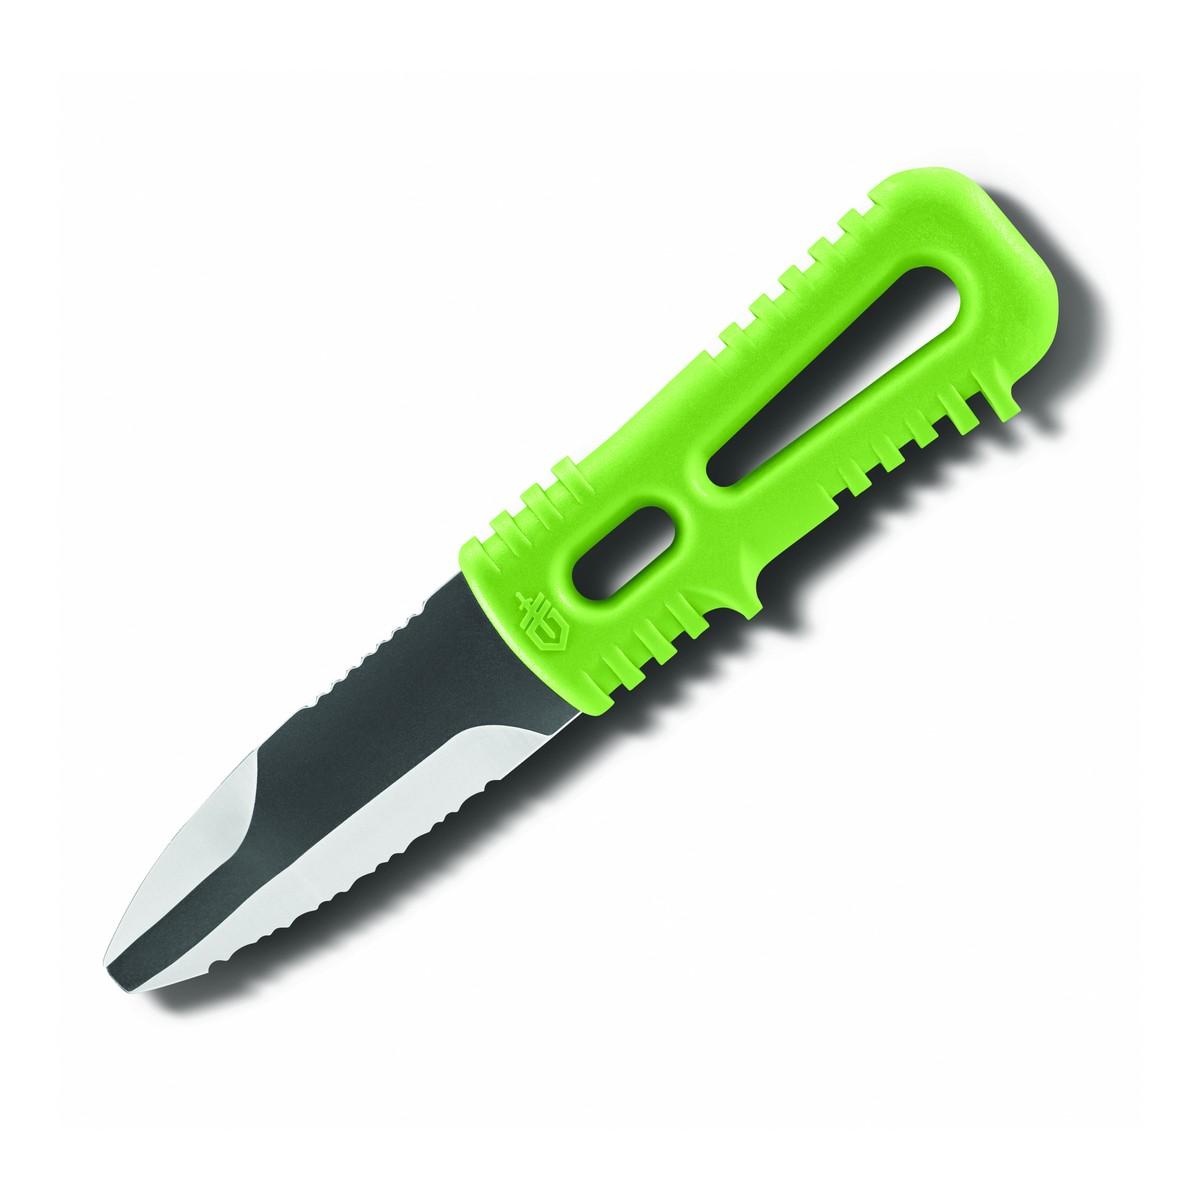 Нож Gerber River Shorty, 31-002645Ножи<br>Описание ножа Gerber River Shorty, 31-002645: Модель <br>Gerber River Shorty создана специально для любителей <br>водного спорта, а особенно &amp;mdash; связанных <br>с экстримом. Это нож из нержавеющей стали <br>с серрейторной заточкой лезвия и тупым <br>кончиком. Материалом для него служит сплав <br>с маркировкой 420НС. Это чрезвычайно стойкая <br>к коррозии сталь, отлично подходящая для <br>условий, где неизбежен постоянный контакт <br>ножа с водой. При этом, она неплохо держит <br>заточку. Лезвие у этого ножа &amp;mdash; зубчатое. <br>Этот вариант заточки ориентирован на работ <br>с волокнистыми материалами, такими как <br>ткани, веревки, стропы. Ведь River Shorty используется <br>именно в экстремальных ситуациях, когда <br>необходимо разрезать те или иные вещи максимально <br>быстро. А тупой кончик ножа помогает не <br>пораниться, когда нужно, например, разрезать <br>одежду для обработки раны. Длина лезвия <br>равна 7,7 см, что достаточно для удобства <br>работы с ножом. А чтобы его можно было перевозить <br>среди наиболее необходимых вещей, лезвие <br>прикрыто практичными пластиковыми ножнами, <br>которые отлично держатся на ноже, но легко <br>снимаются при необходимости выполнения <br>работ. Рукоятка River Shorty также выполнена <br>с учетом использования ножа в экстремальных <br>условиях. В нее легко продевается страховочный <br>ремешок, который можно закрепить на запястье <br>владельца ножа или же на лямке гермомешка <br>с вещами. Выполнена рукоятка из стеклонаполненного <br>нейлона &amp;mdash; прочного синтетического материала, <br>стойкого практически к любой коррозии. <br>Цвет рукоятки &amp;mdash; зеленый. С учетом ее размера, <br>полная длина ножа - 17 см. River Shorty используется <br>во время рафтинга, сплавов на каяках или <br>байдарках, занятий дайвингом или подводной <br>охотой. Особенности: нержавеющая сталь <br>клинка &amp;mdash; 420НС; серрейторная заточка лезвия; <br>тупой кончик ножа; легкая рукоятка и